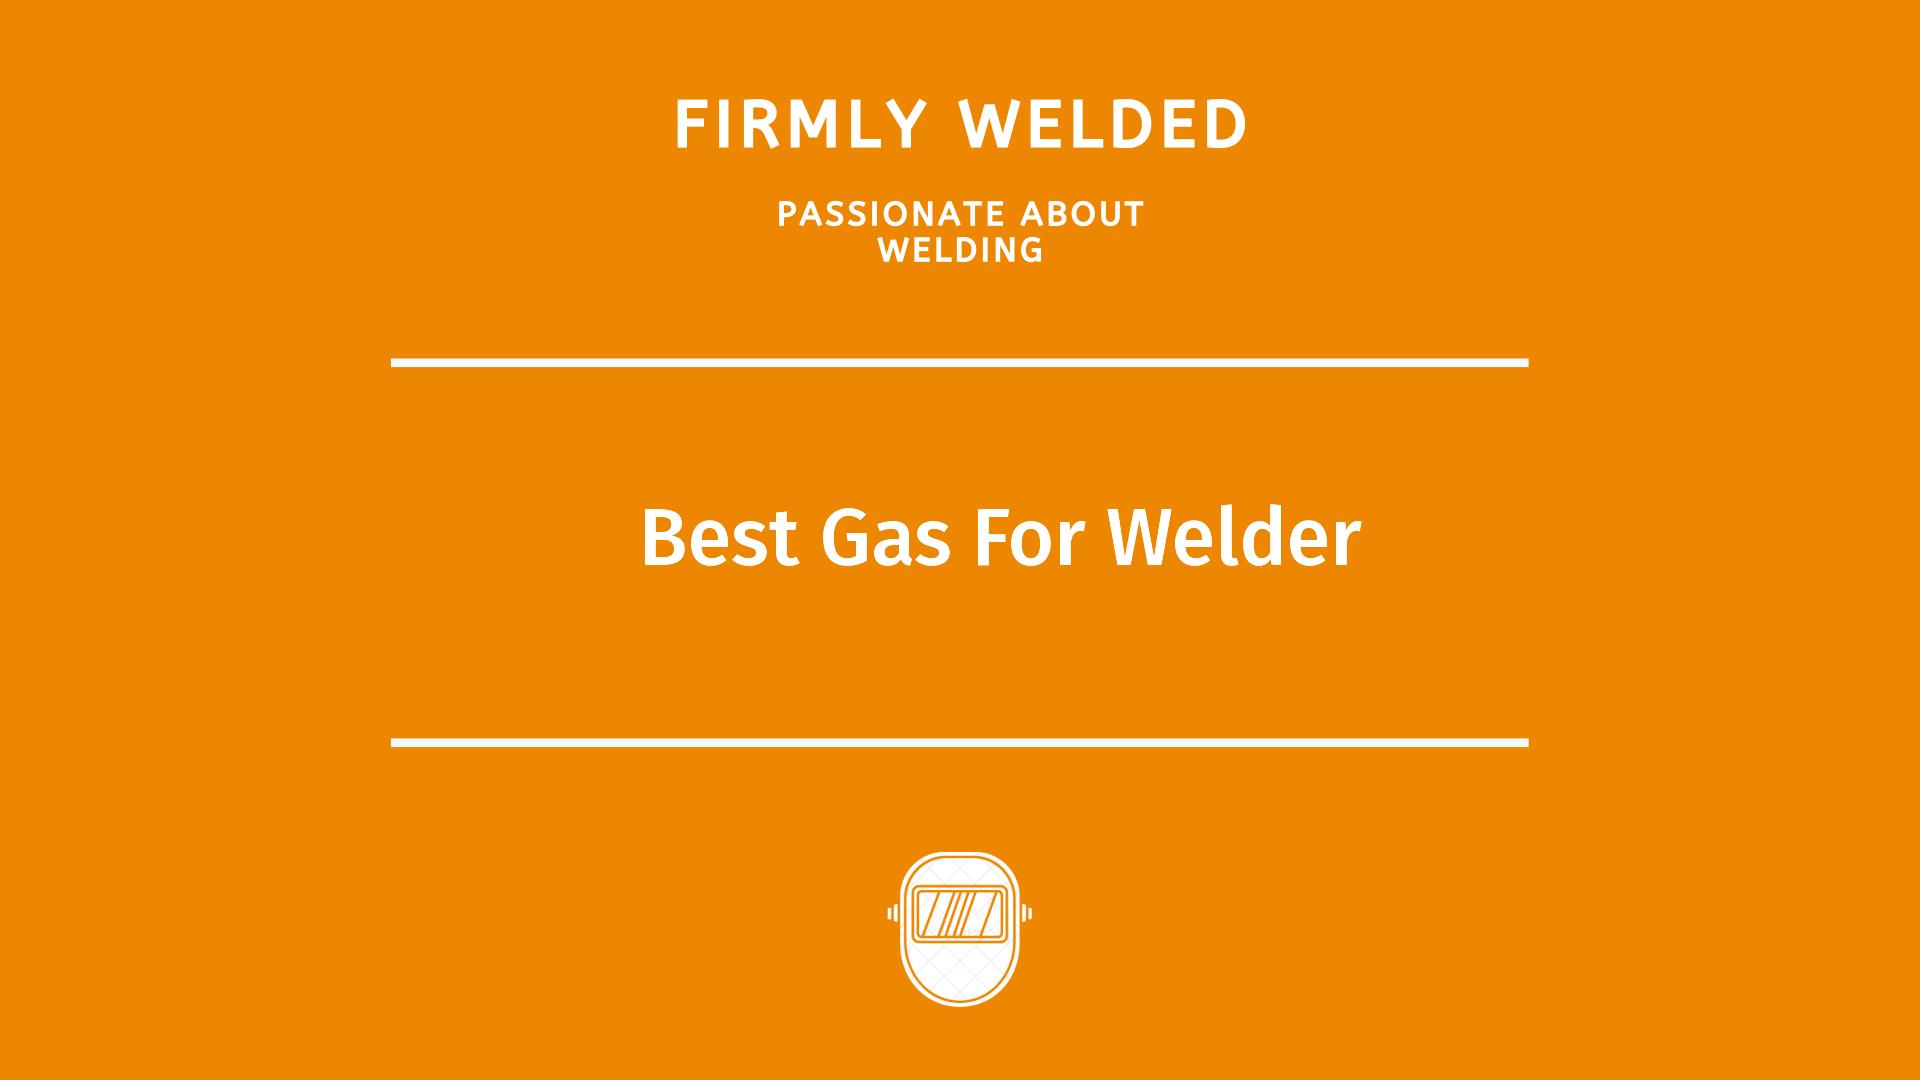 Best Gas For Welder